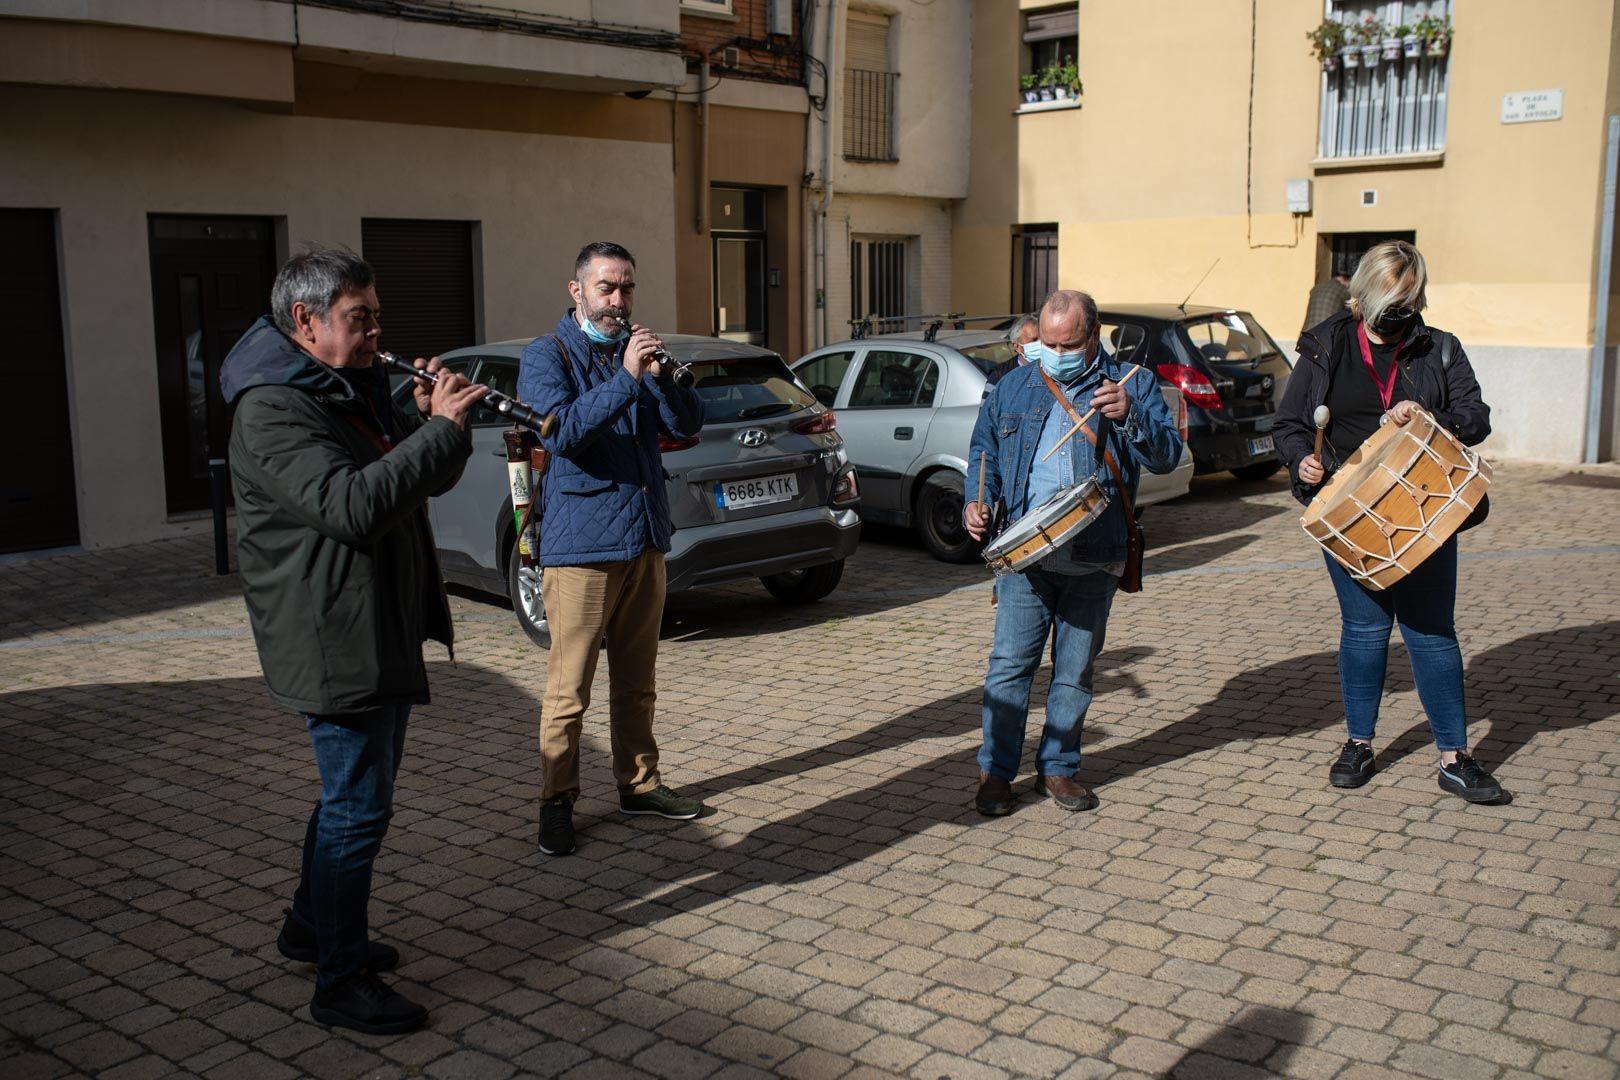 GALERÍA | Las mejores imágenes de la segunda romería de La Hiniesta en pandemia